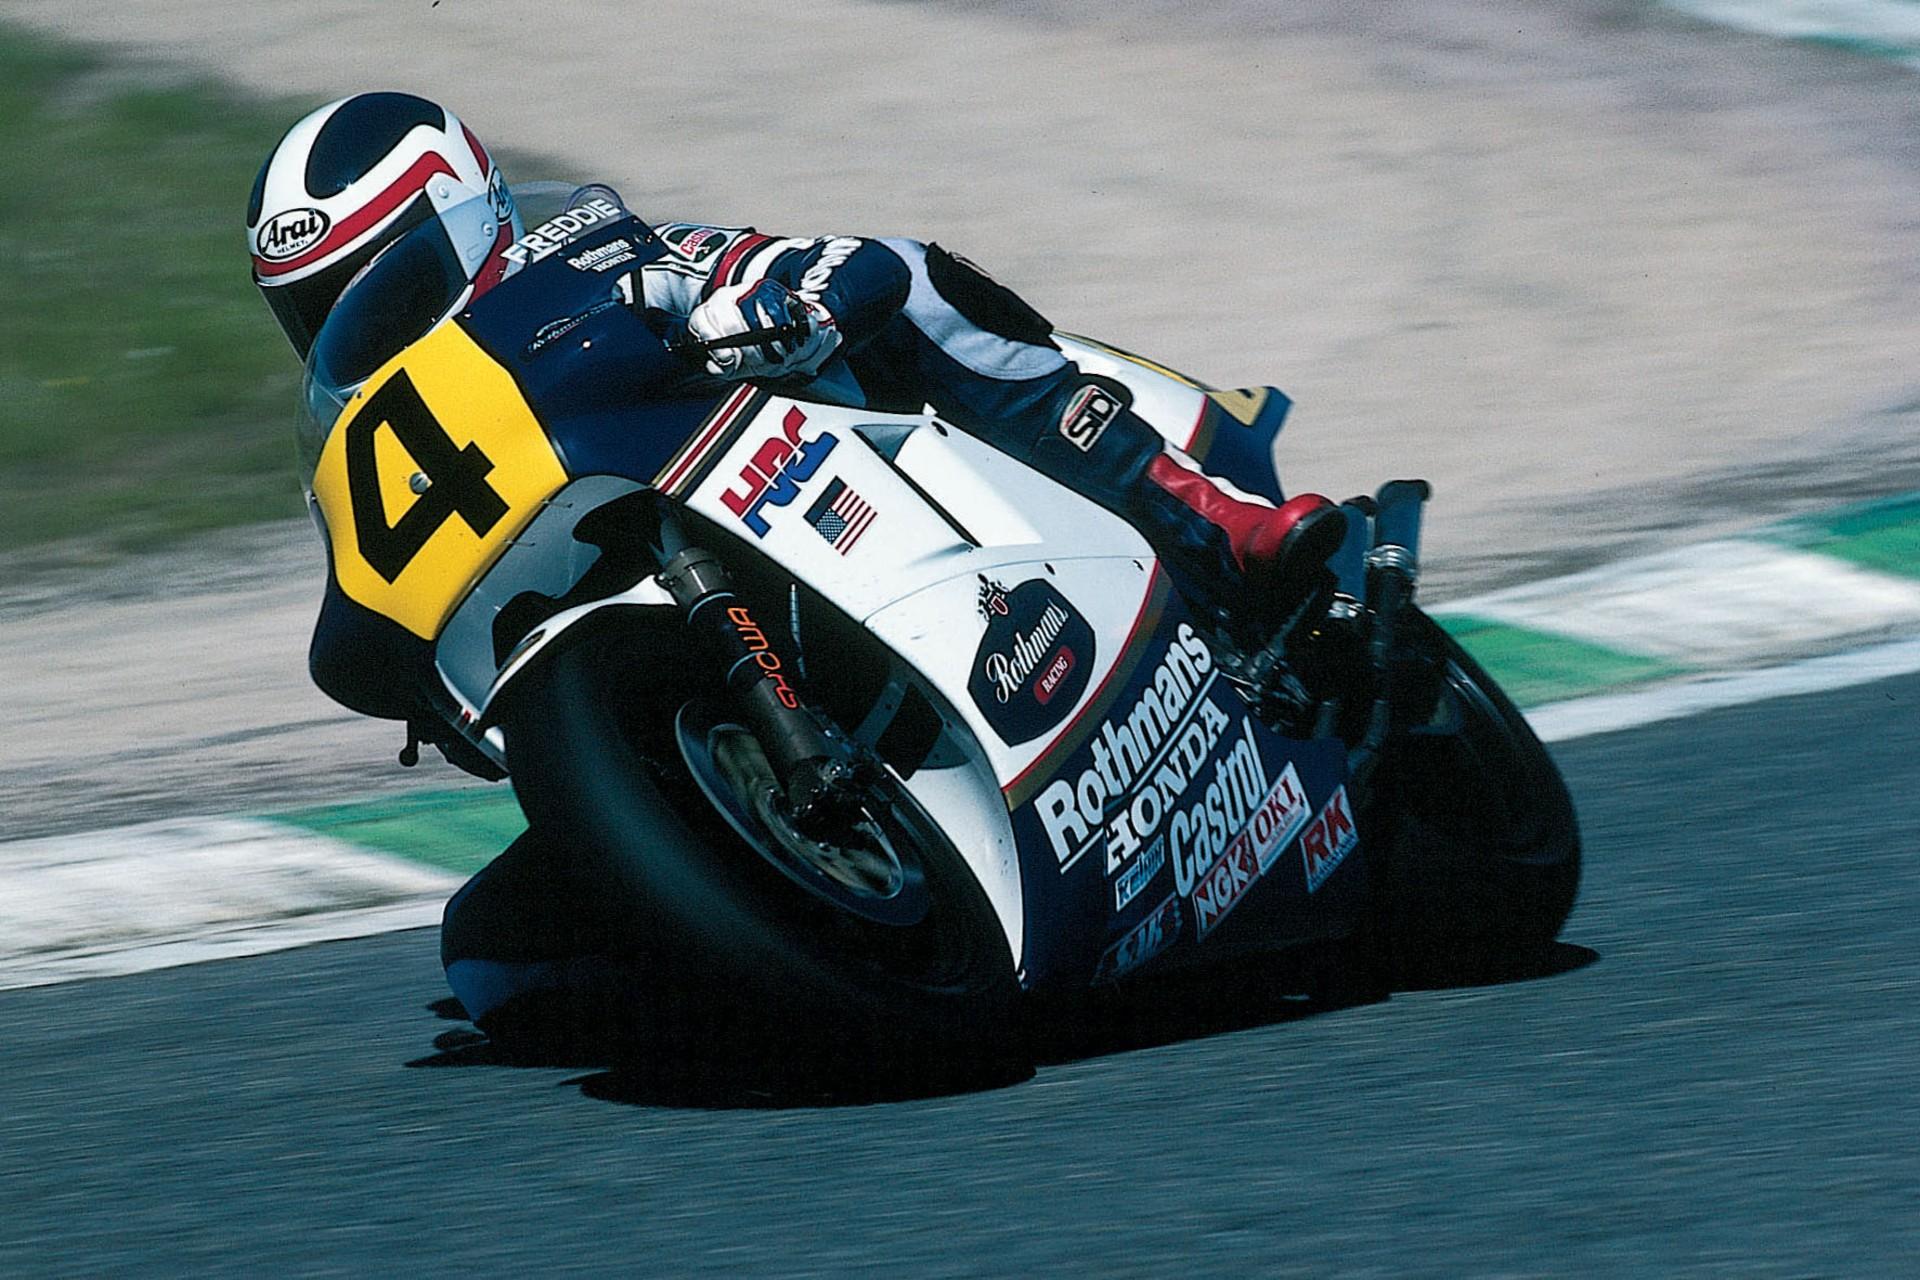 Freddie Spencer, la Honda NSR 500 y los neumáticos radiales